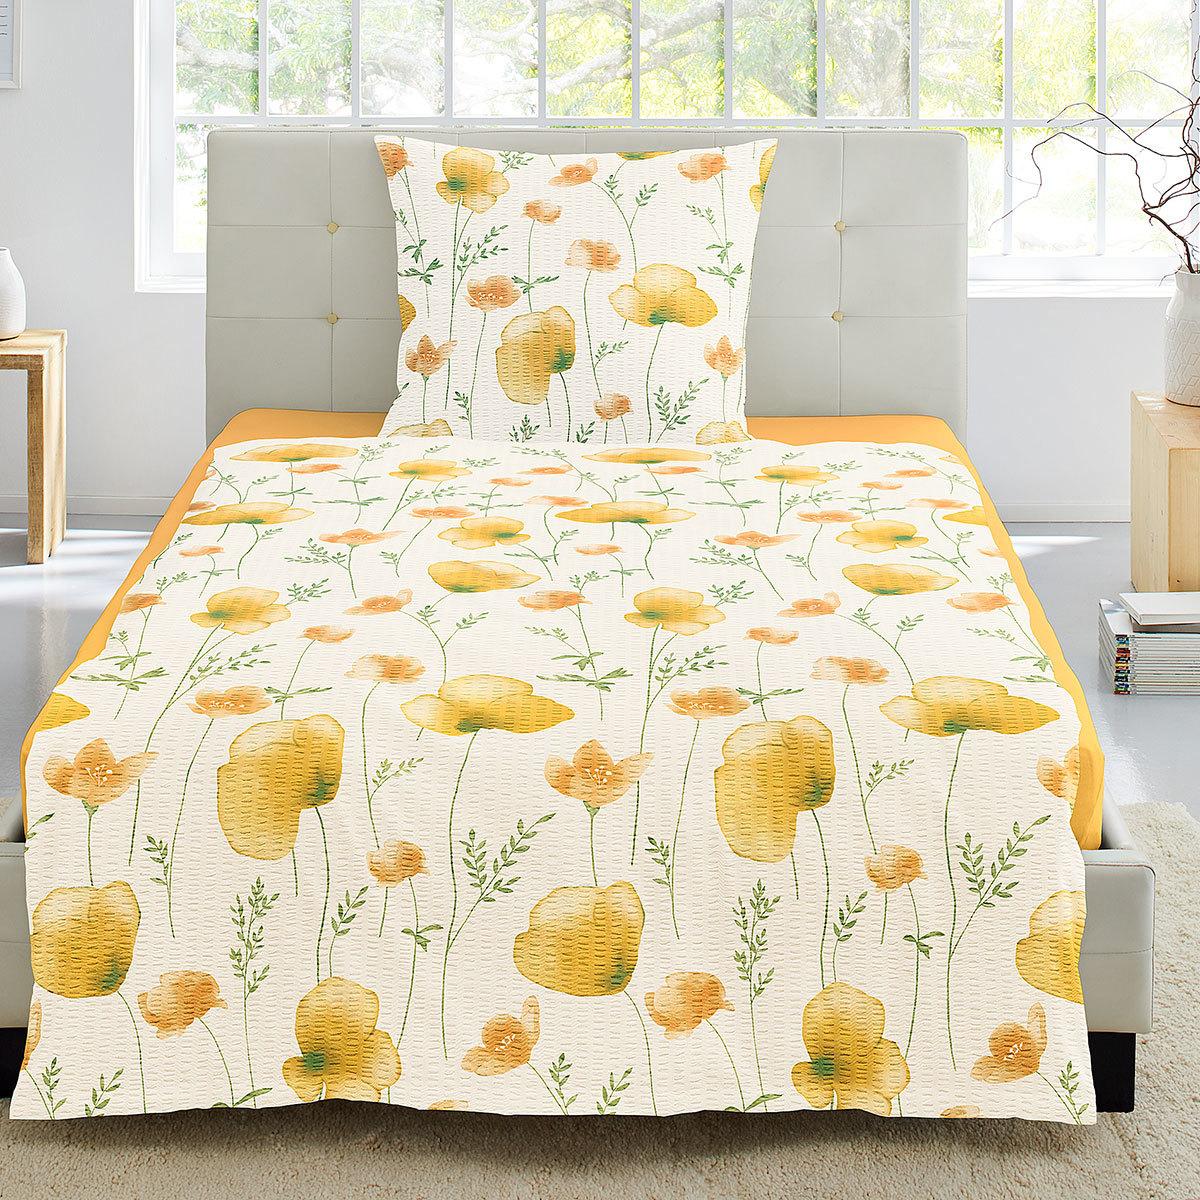 Irisette Seersucker Bettwäsche Blumen Gelb Günstig Online Kaufen Bei